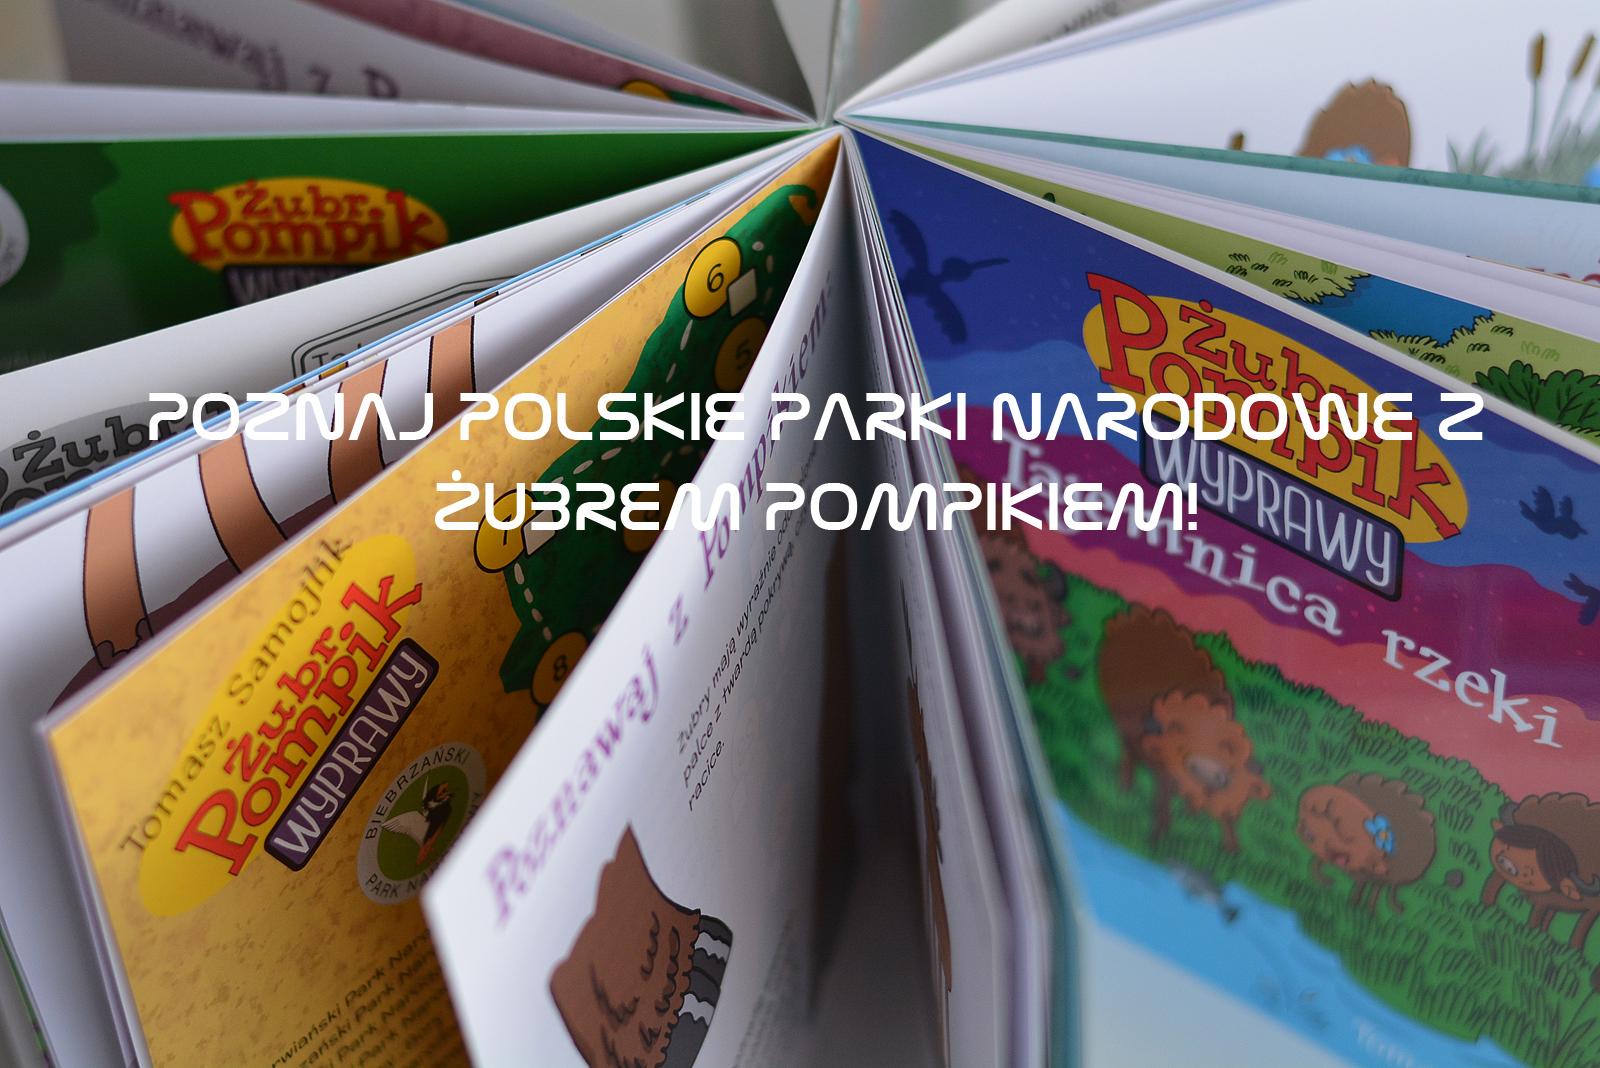 Media_Rodzina_Zubr_Pompik_Wyprawy-photo-travel